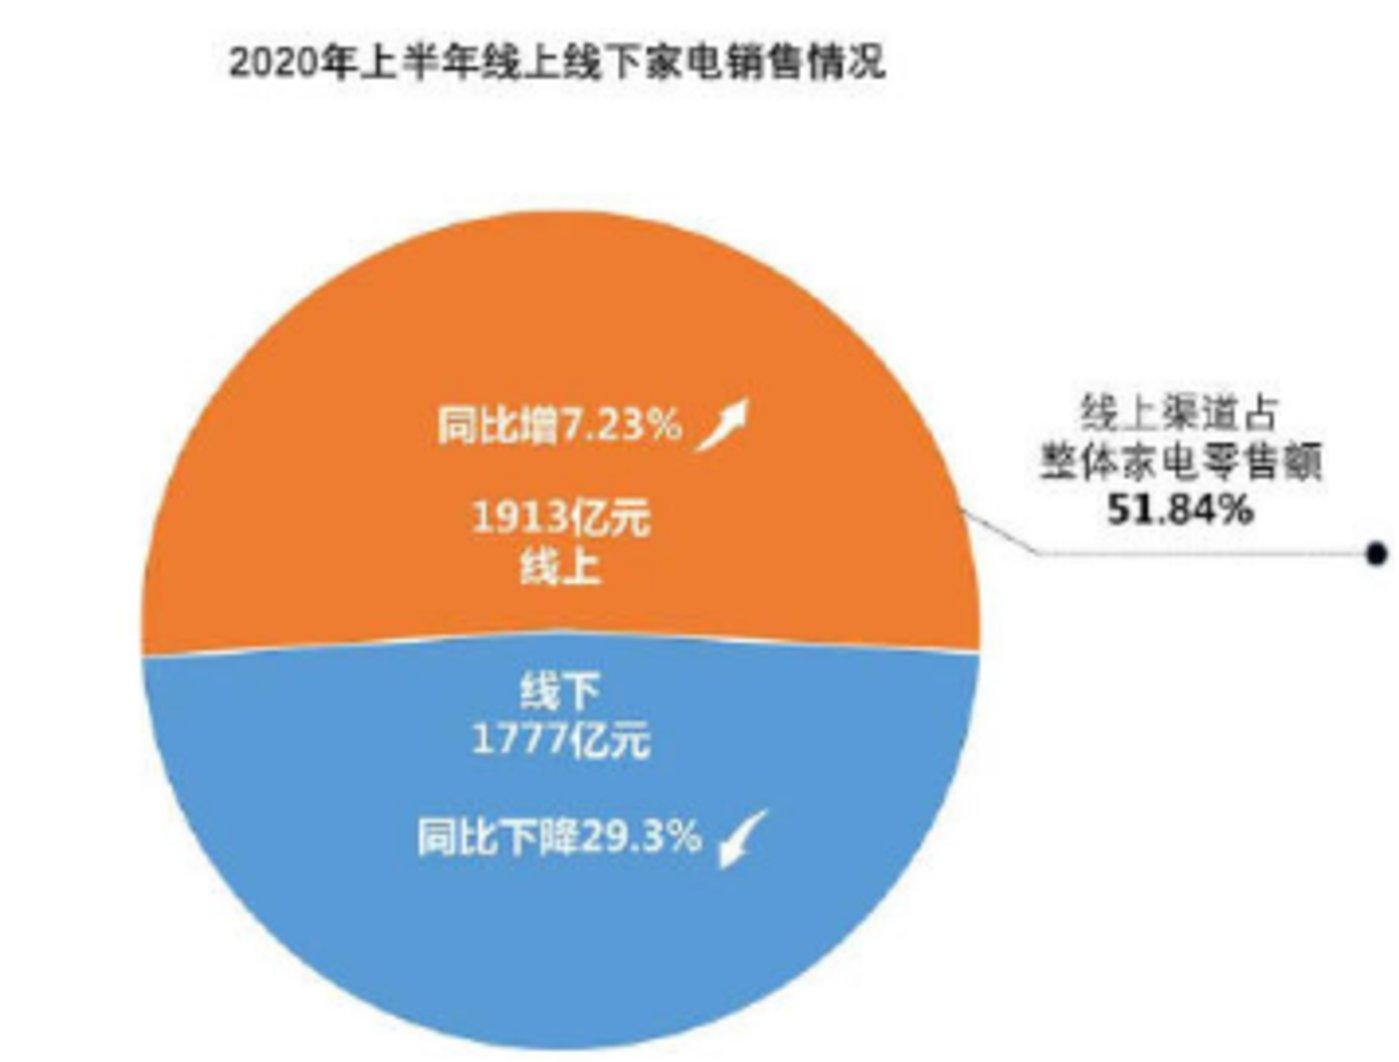 数据来源:中国电子信息产业发展研究院